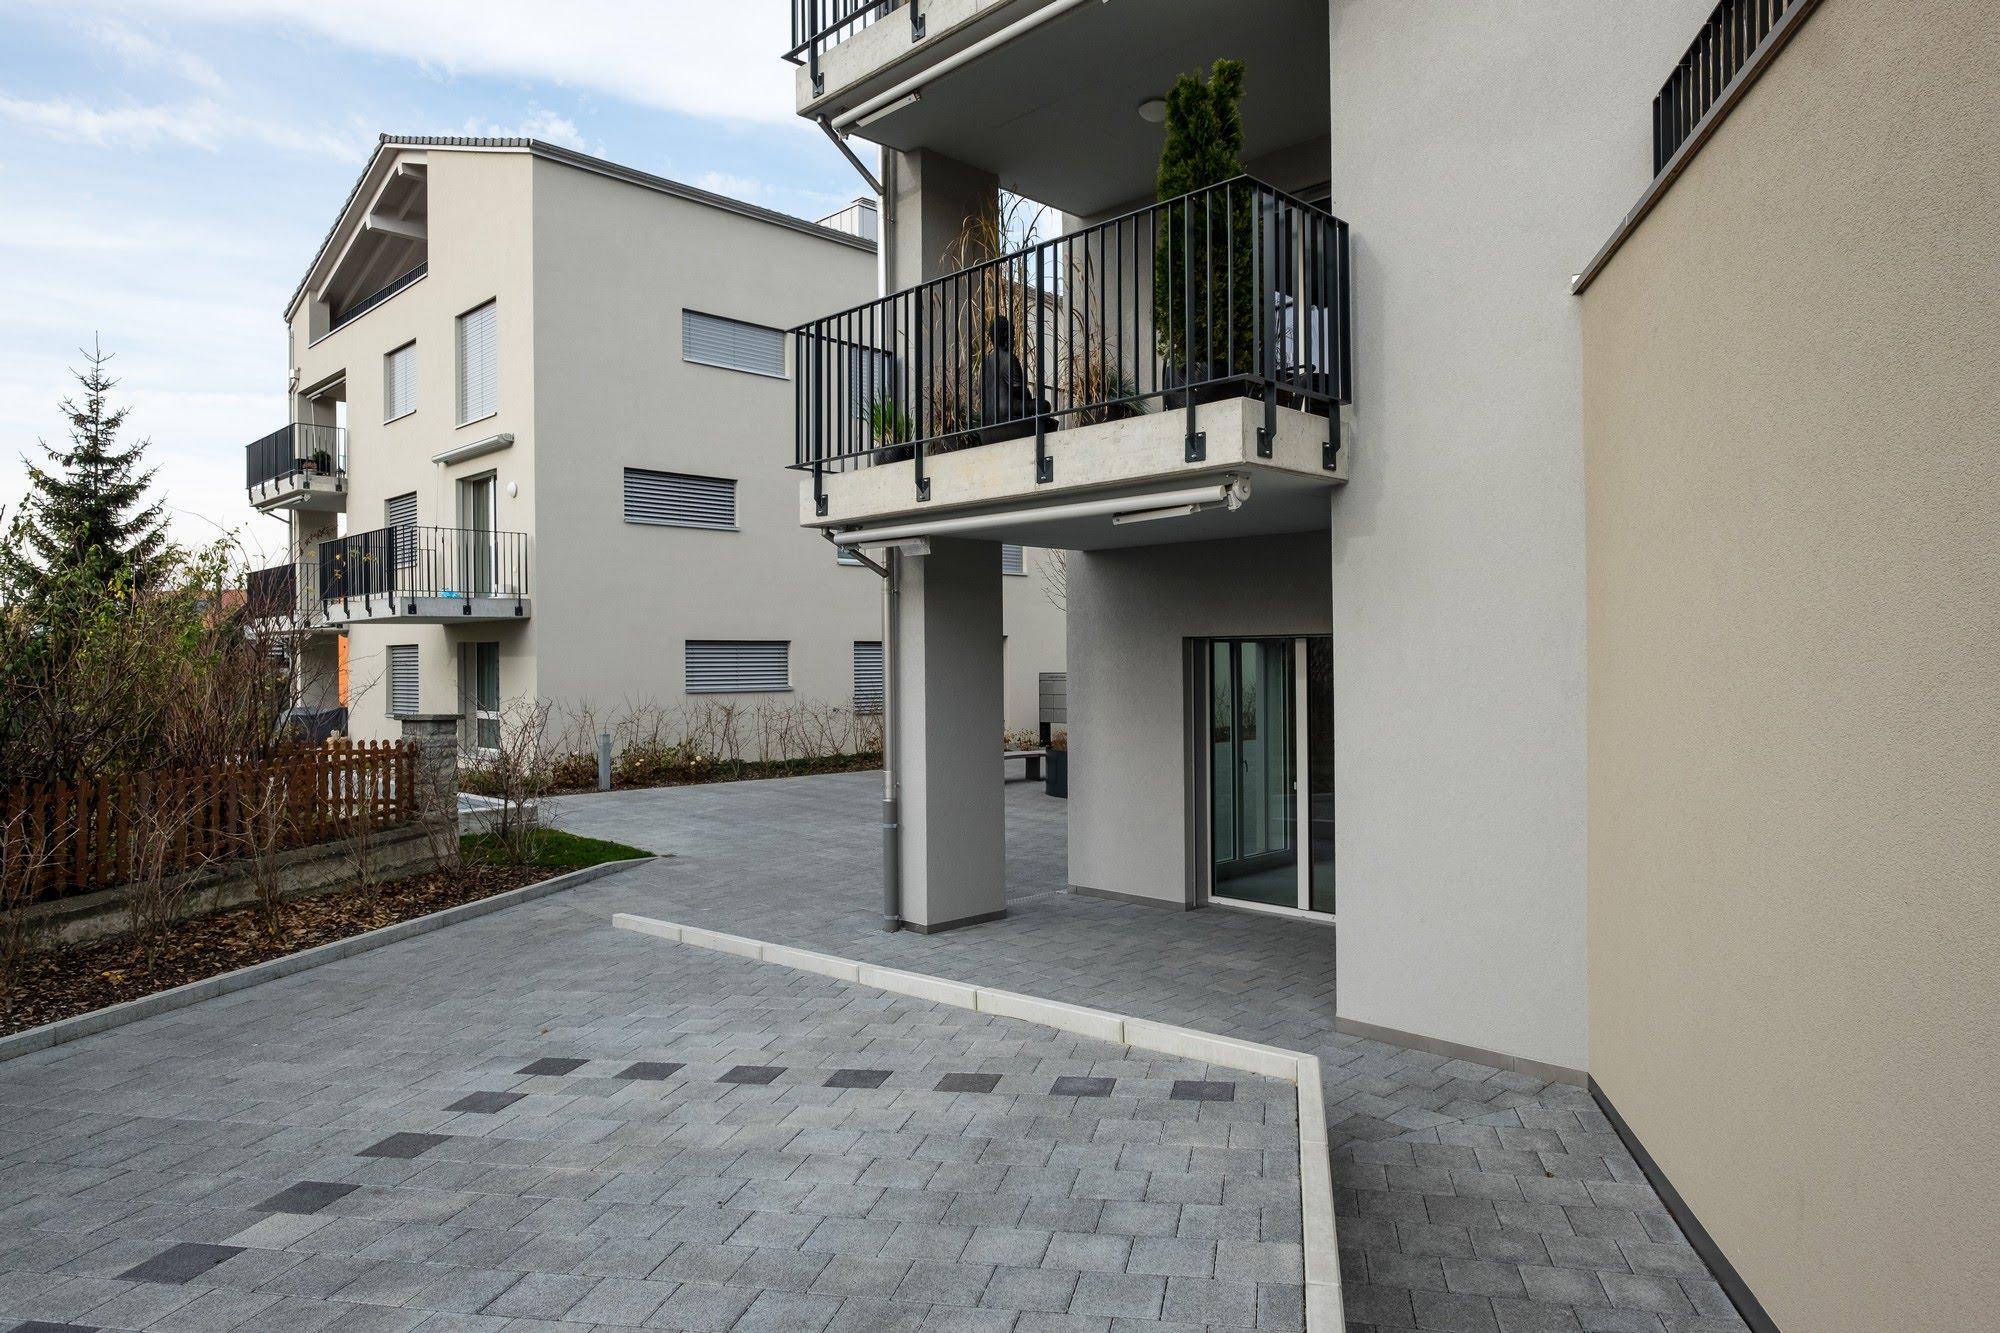 Wohnen MFH,Gewerbe Drei MFH im Zentrum von Neudorf Architektur,Wohnungsbau,Wohnhäuser,Einfamilienhäuser,Mehrfamilienhäuser